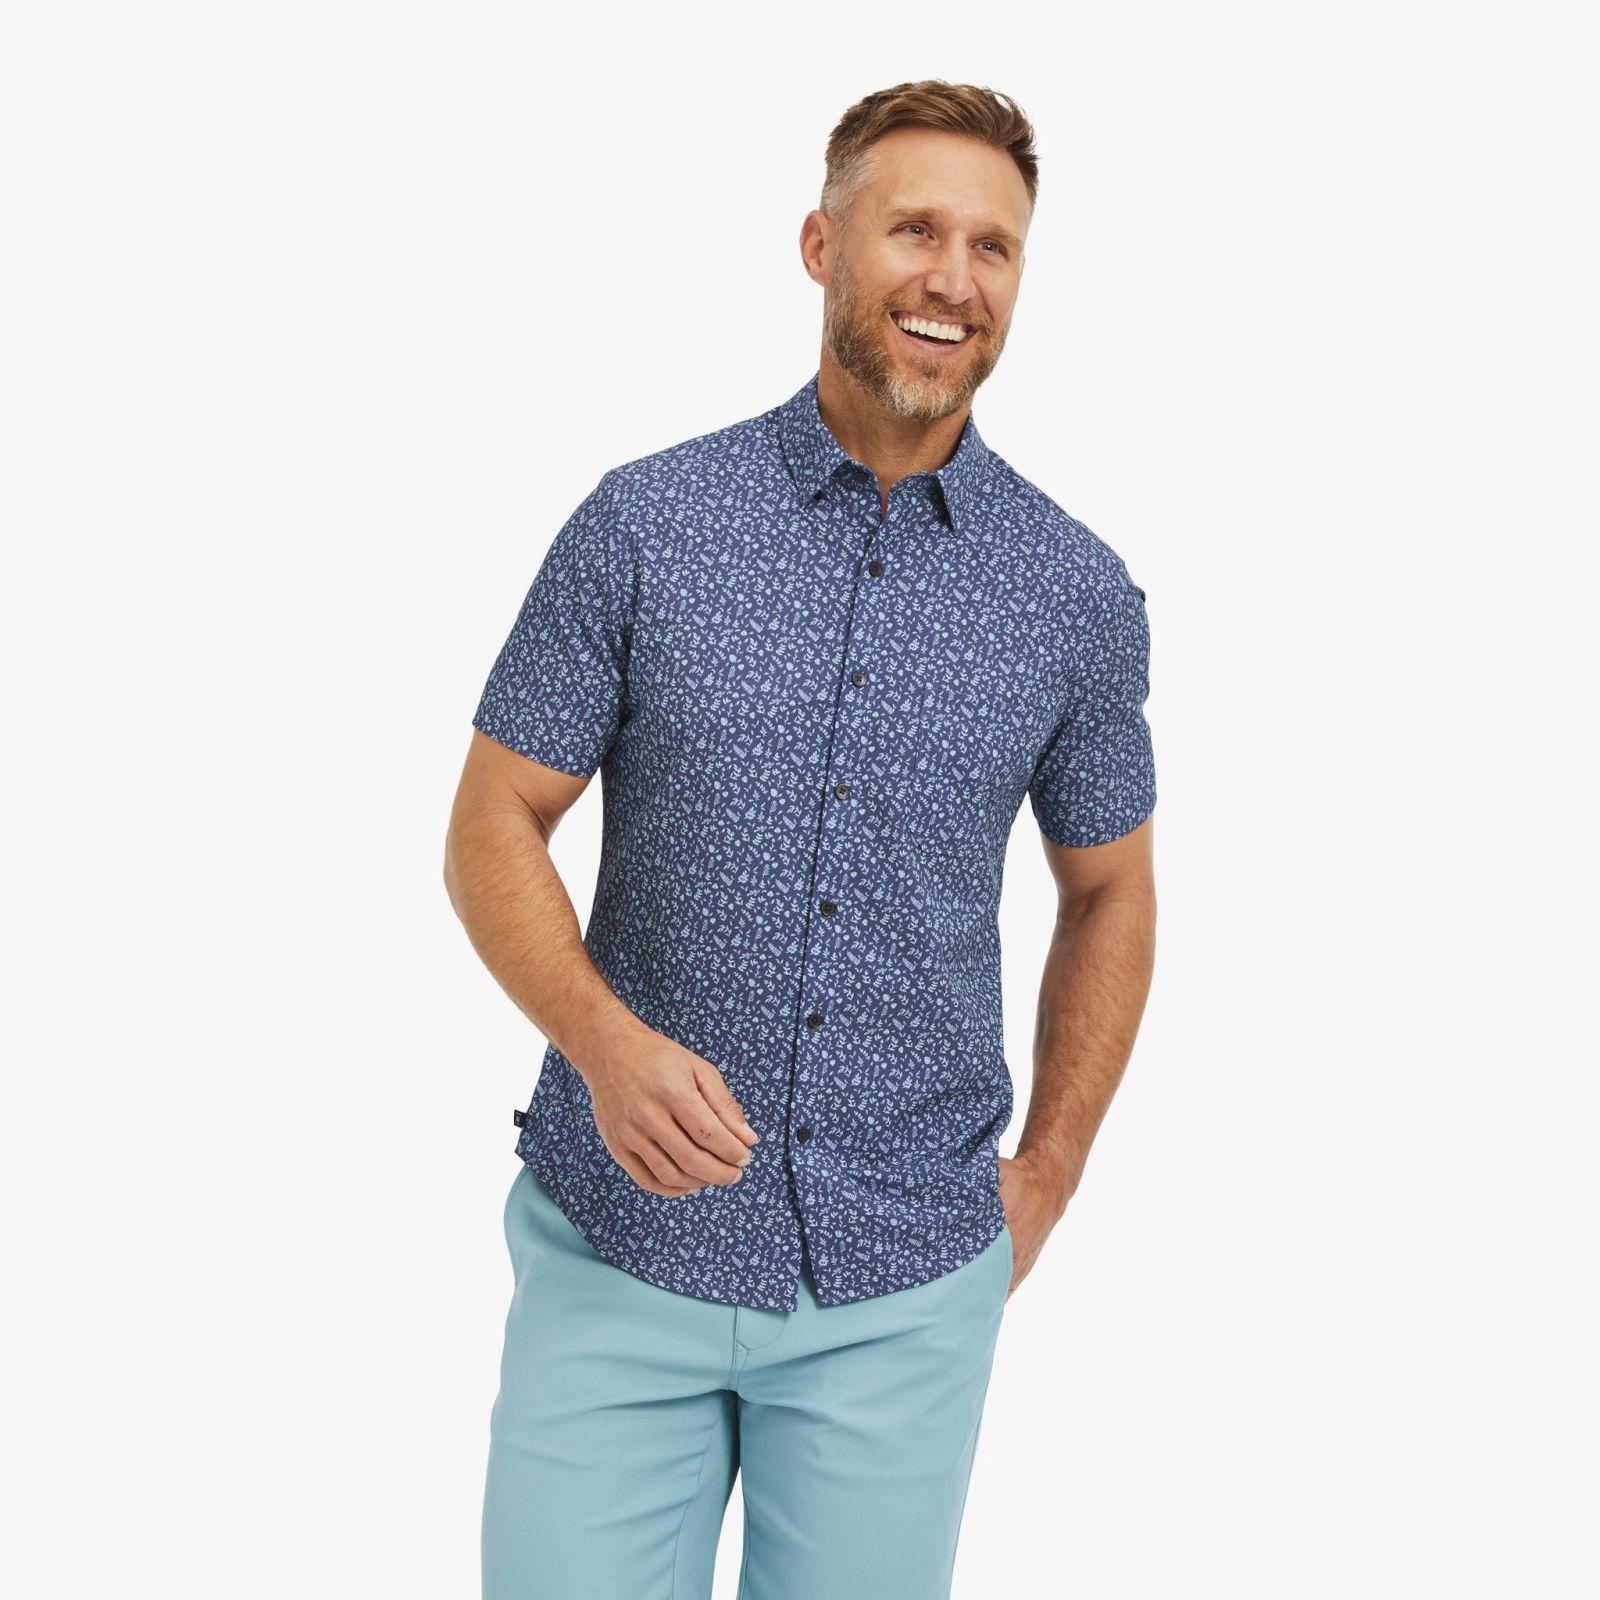 Leeward Short Sleeve - Navy Aqua FloralPrint - Mizzen+Main | Mizzen + Main